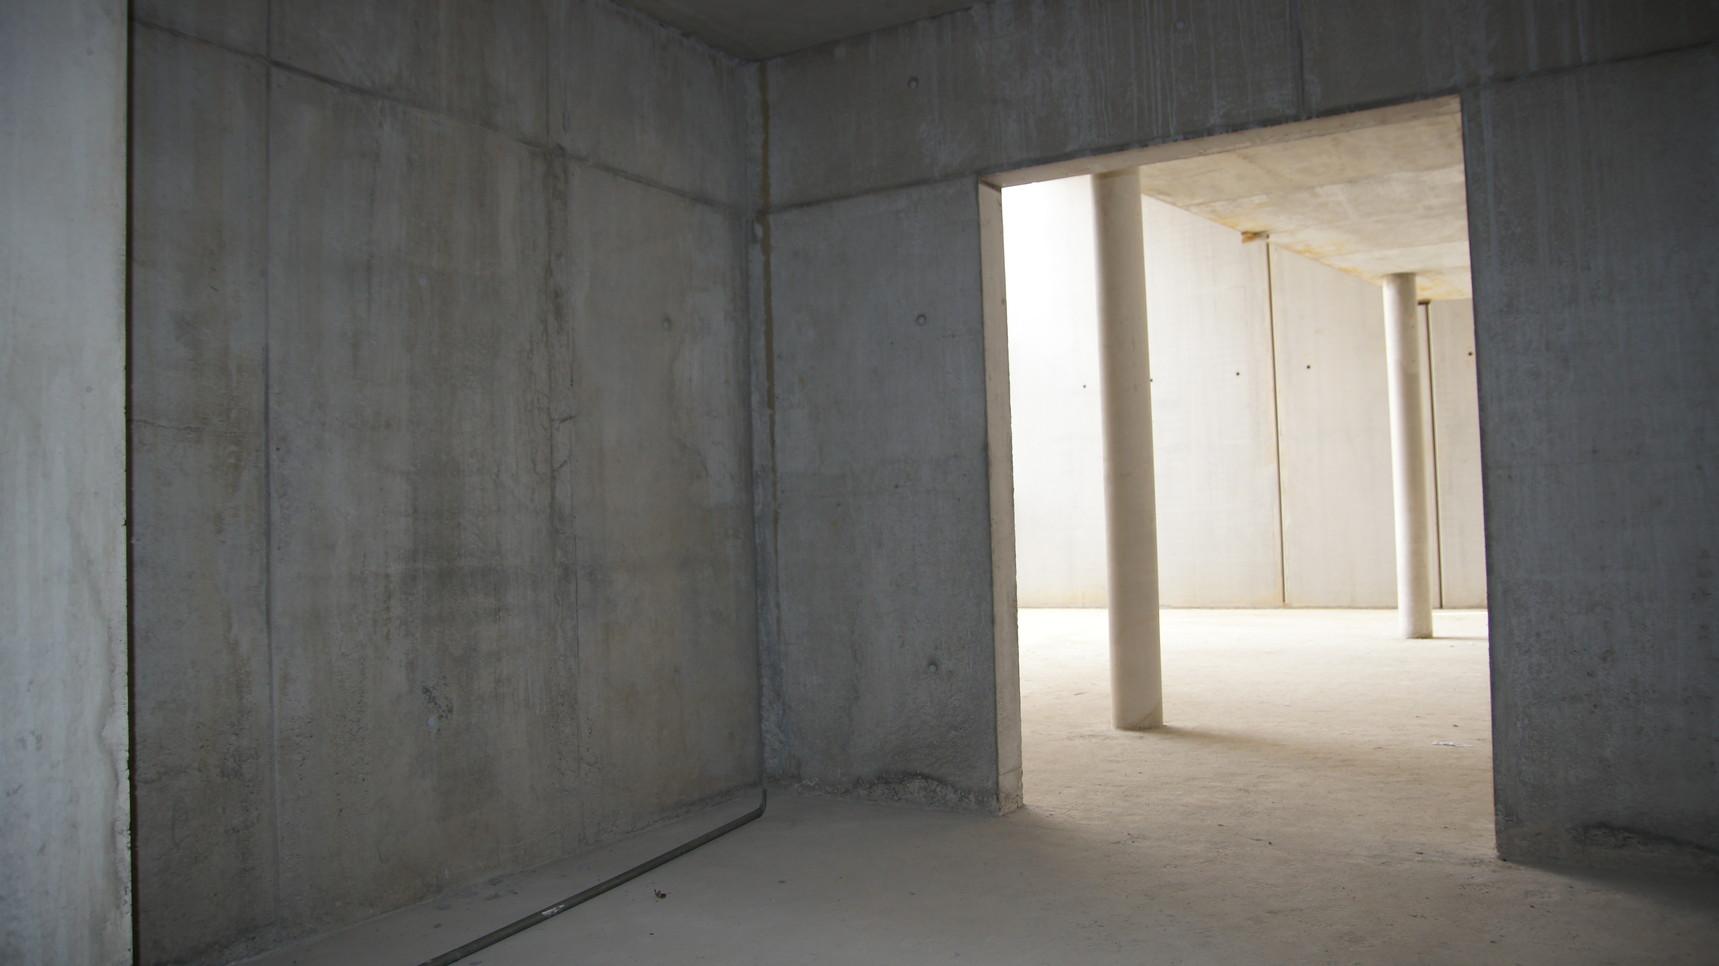 Blick vom Raum der Stille ins Foyer